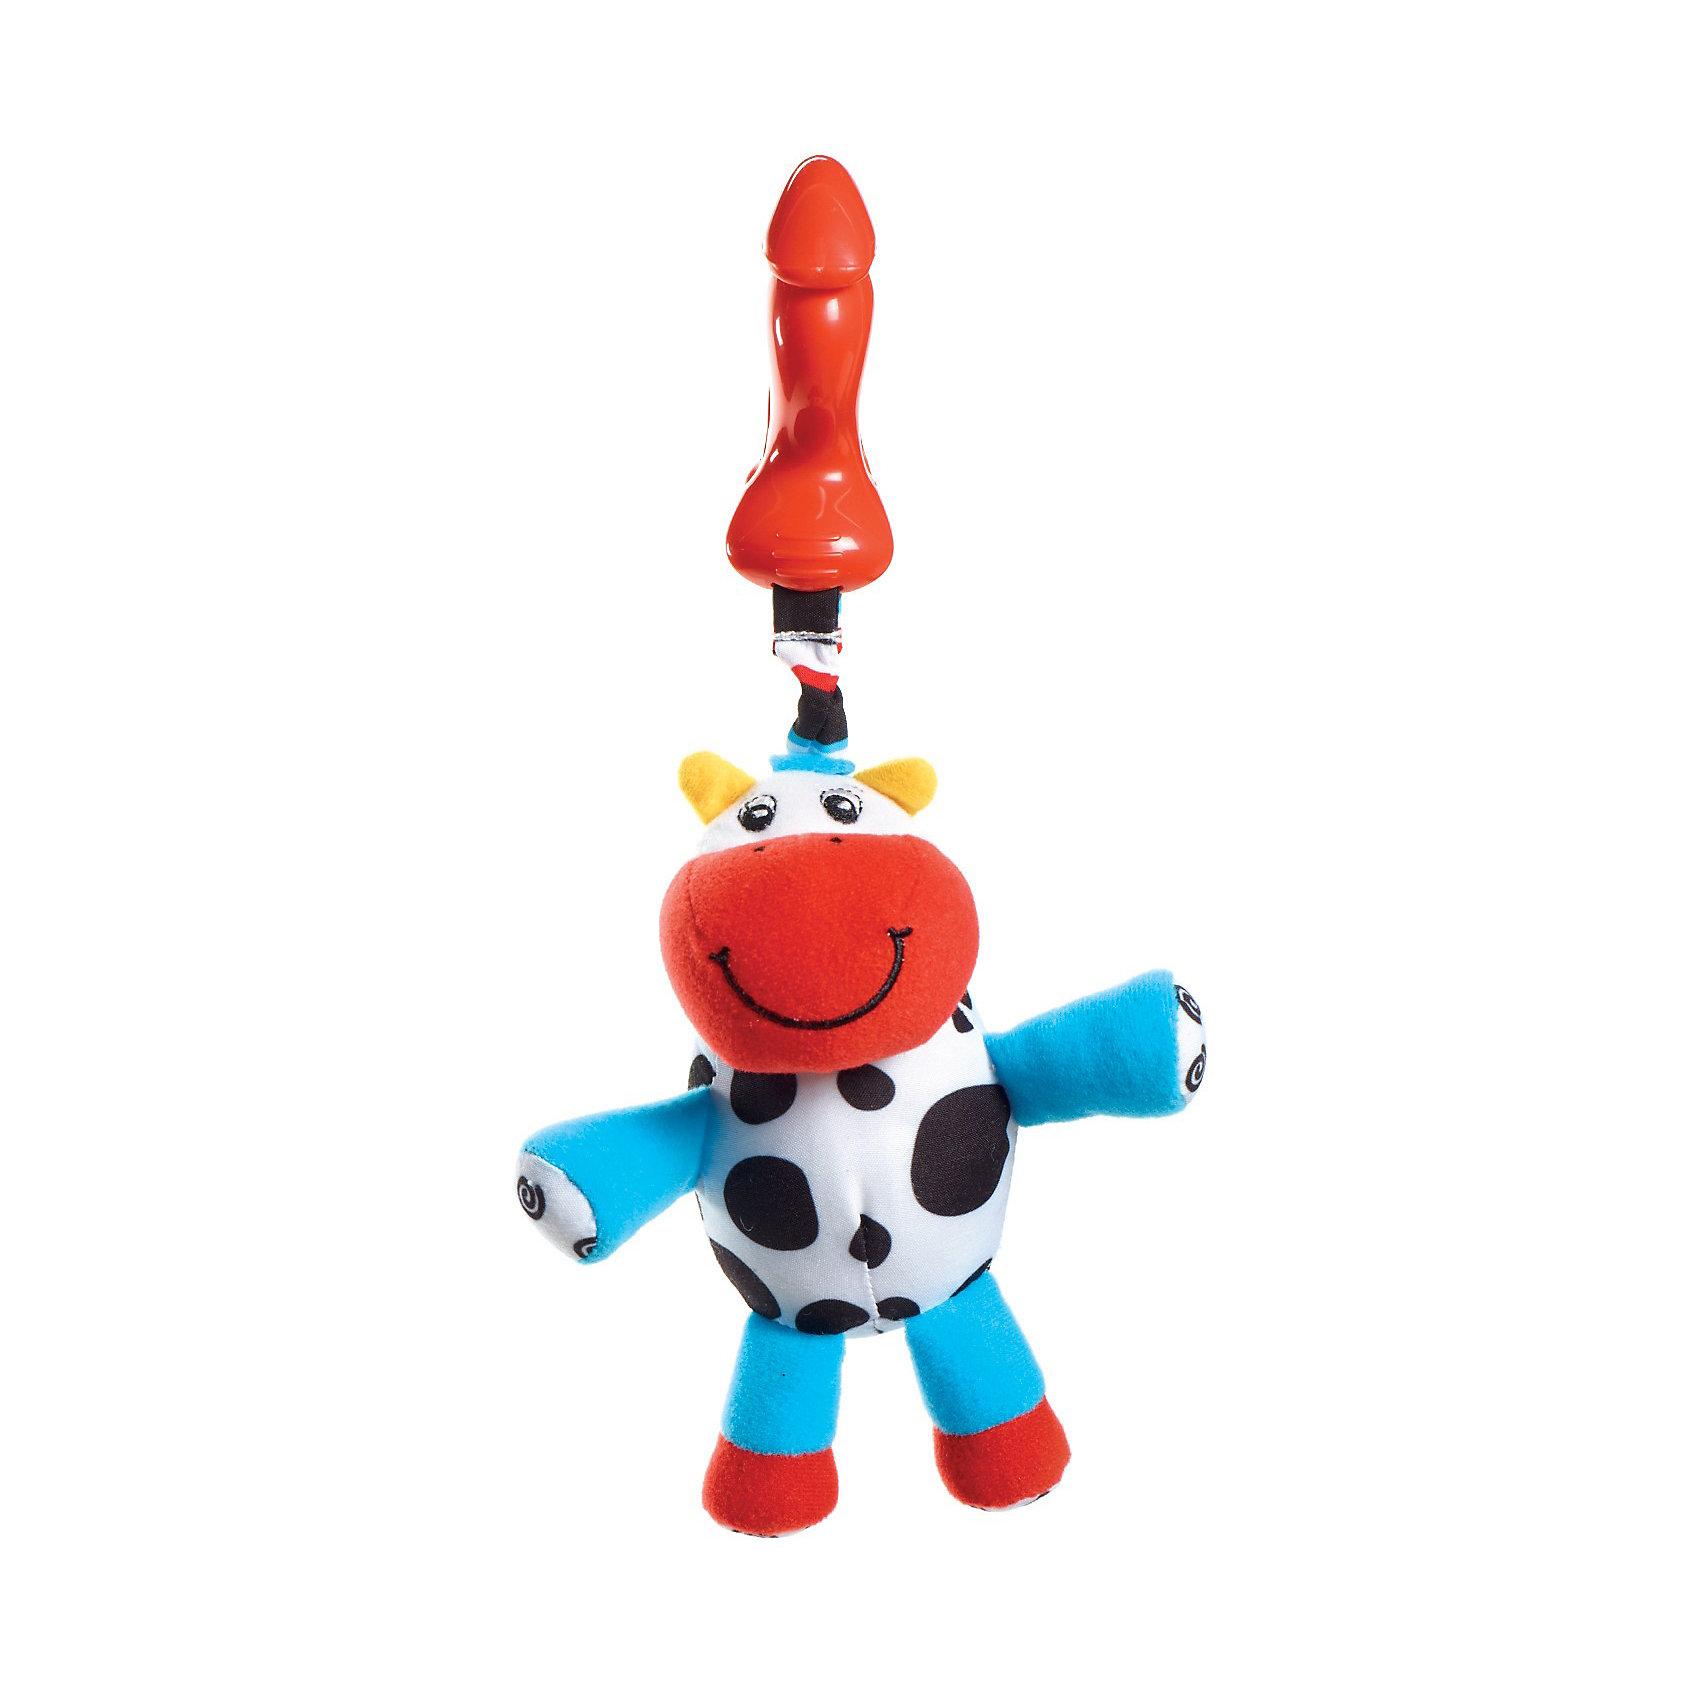 Подвес-погремушка теленок Кузя, Tiny LoveПодвески<br>Подвес-погремушка теленок Кузя, Tiny Love (Тини Лав) - мягкая игрушка подвеска с разноцветными ушками и забавной улыбчивой рожицей.<br><br>Игрушка имеет удобный держатель в виде клипсы. Удобно повесить на кроватку, коляску или шезлонг. <br>Клипса и подвеска соединены вибрирующей веревочкой: если малыш притягивает игрушку к себе, веревочка растягивается и затем сокращается, заставляя игрушку вибрировать. Внутри спрятана погремушка-бубенчик.<br><br>Дополнительная информация: <br>- Размеры: 22х13х10 см<br>- Вес: 0,2 кг.<br><br>Подвес-погремушку теленок Кузя, Tiny Love (Тини Лав) можно купить в нашем интернет - магазине.<br><br>Ширина мм: 280<br>Глубина мм: 125<br>Высота мм: 100<br>Вес г: 81<br>Возраст от месяцев: 0<br>Возраст до месяцев: 24<br>Пол: Унисекс<br>Возраст: Детский<br>SKU: 2514417